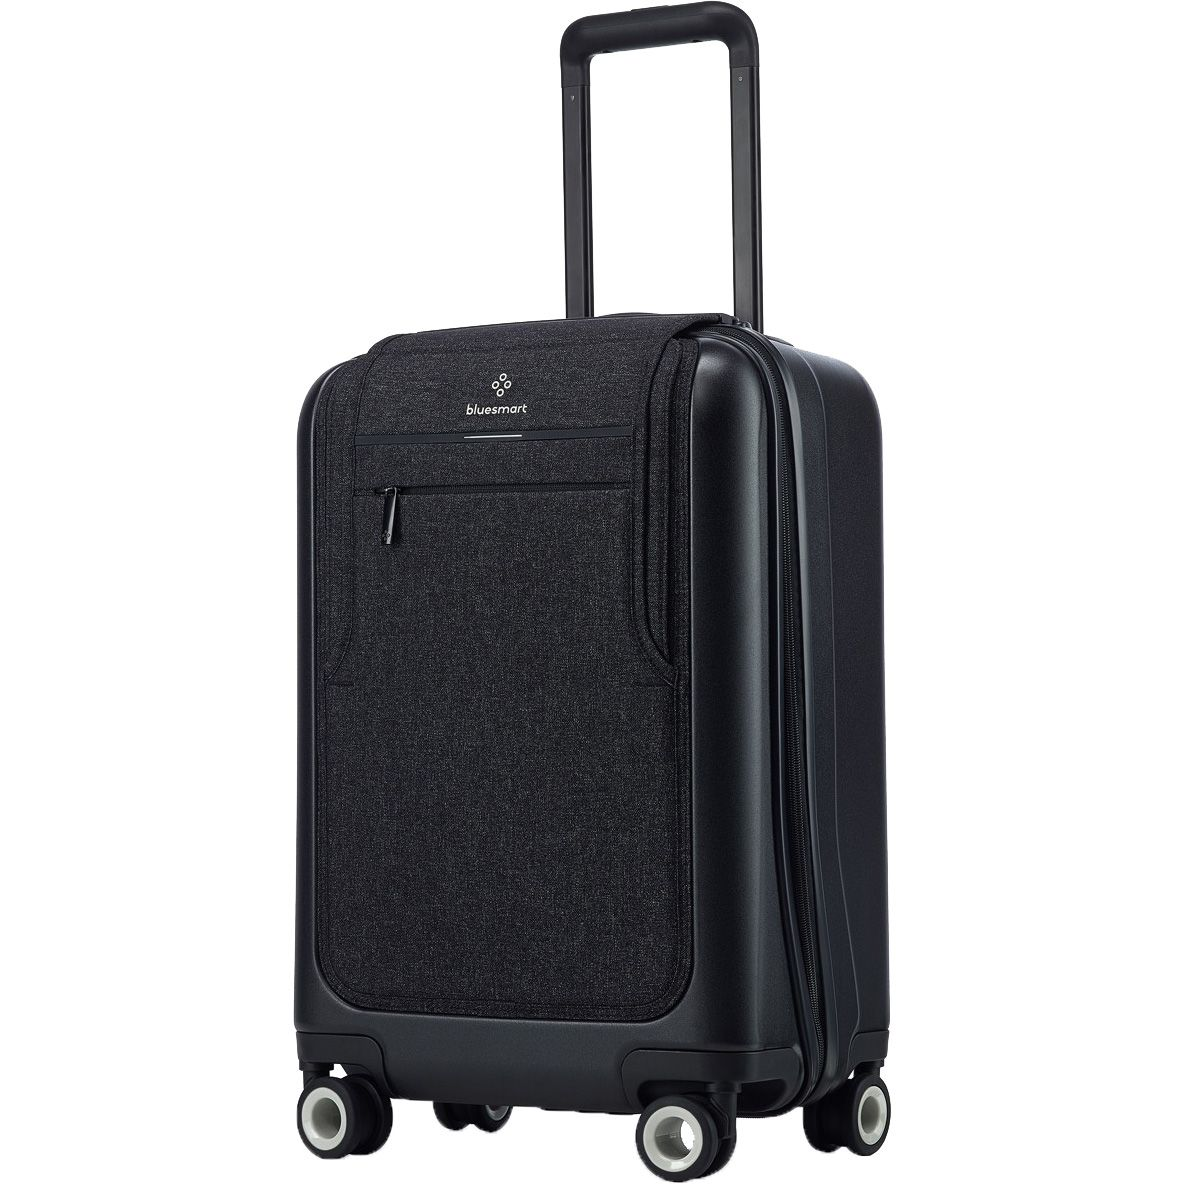 bluesmart black edition 4 rollen kabinentrolley 55 cm smarter koffer mit gps. Black Bedroom Furniture Sets. Home Design Ideas